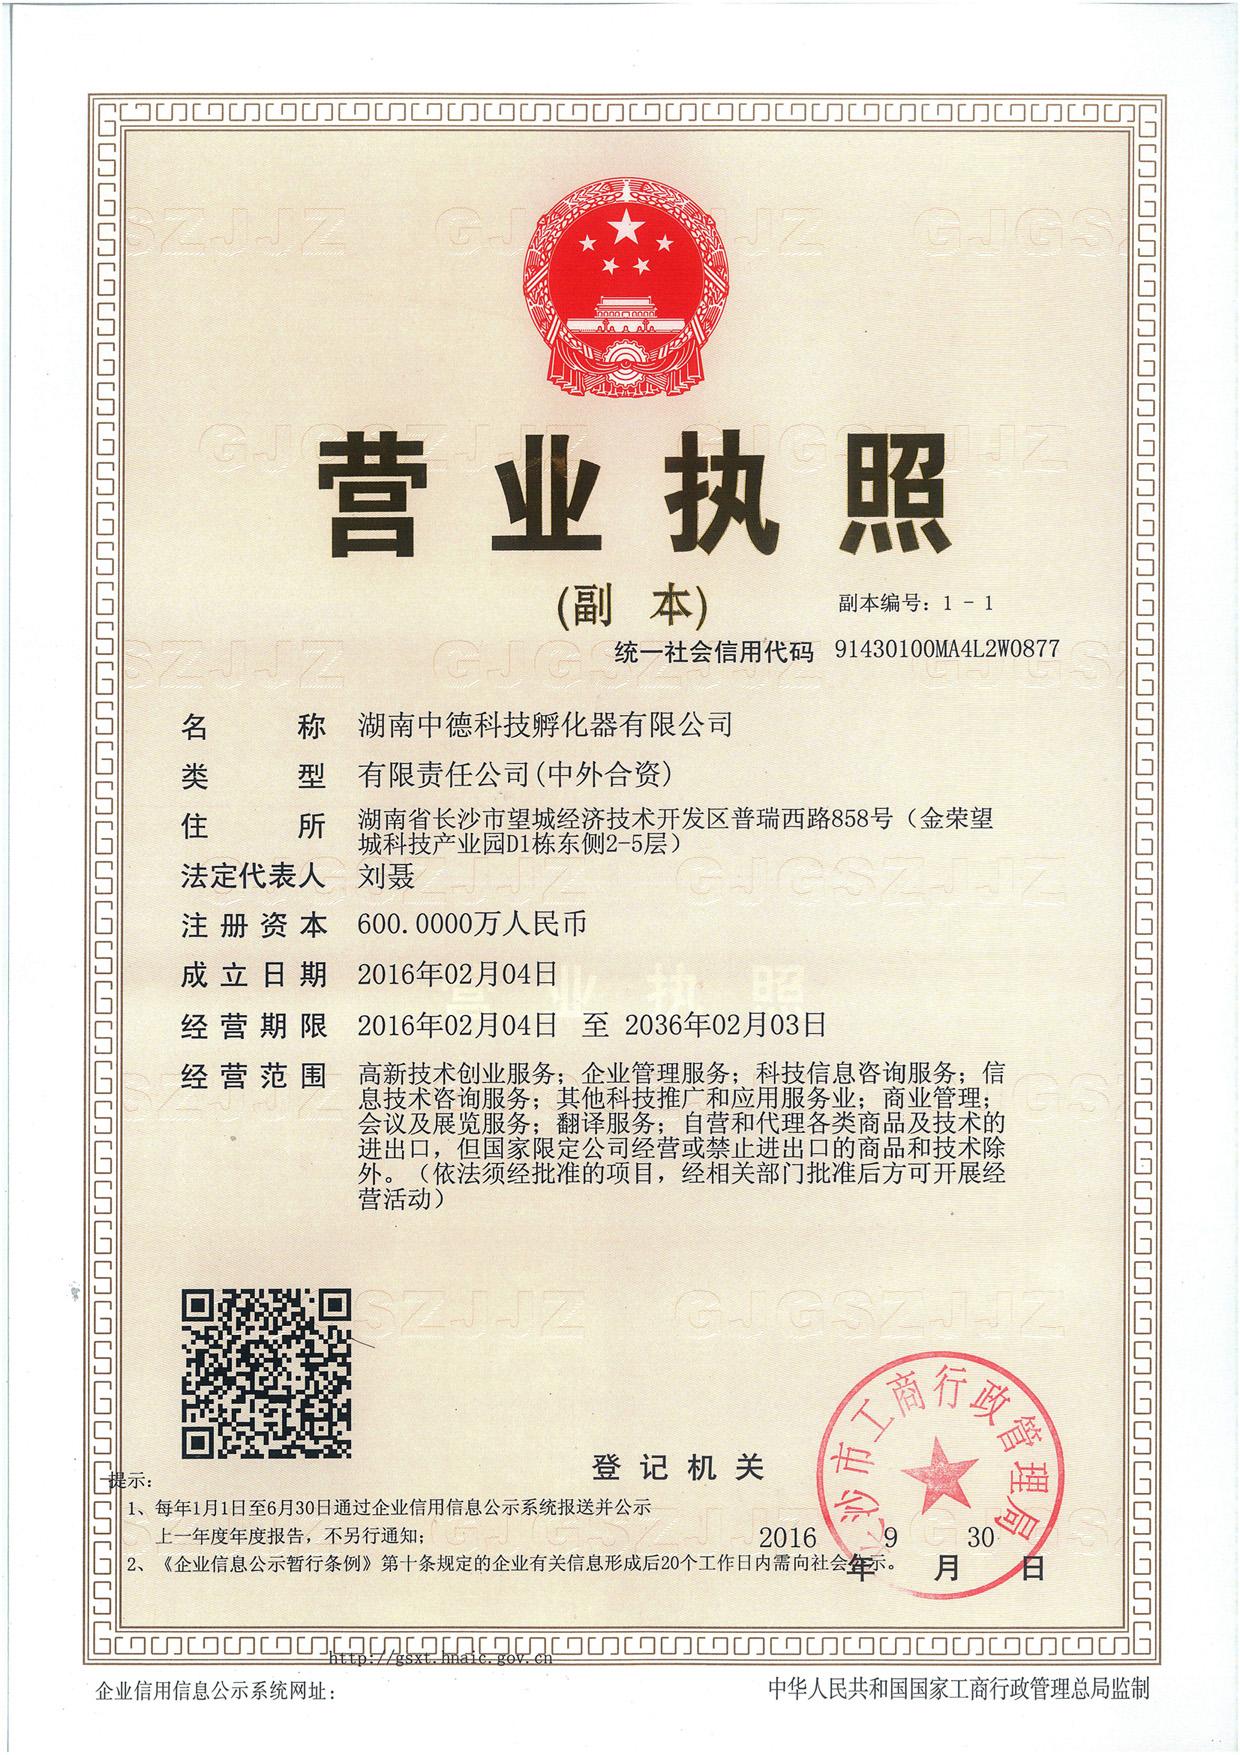 湖南中德科技孵化器有限公司